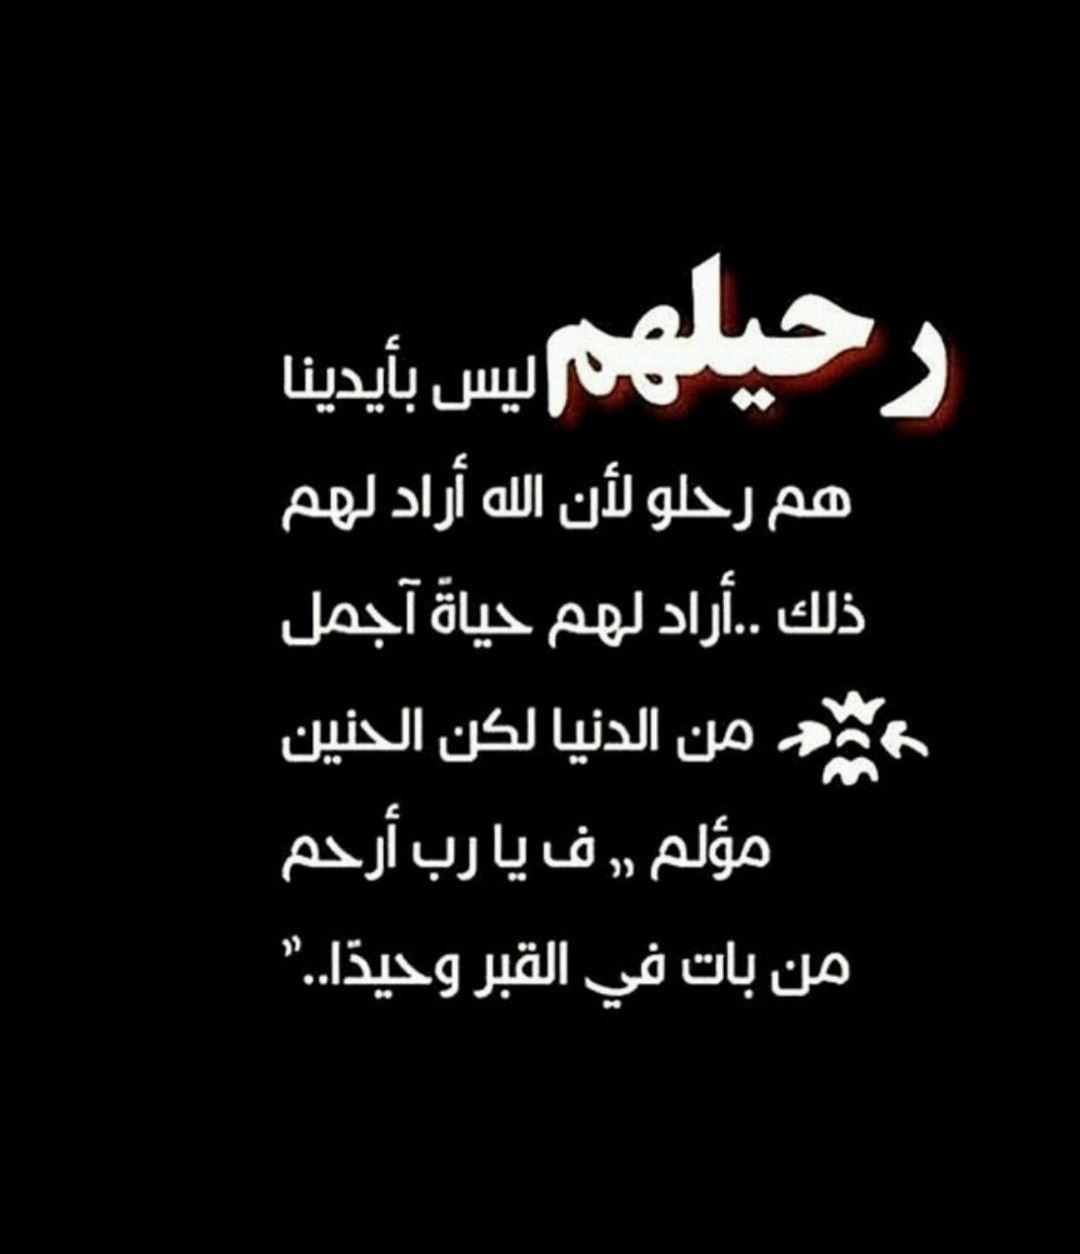 رحمك الله وغفر لك يا والدي ويجمعني بك في جنة الفردوس الأعلى بلا حساب ولا سابق عذاب Beautiful Quran Quotes Calligraphy Words Quotes